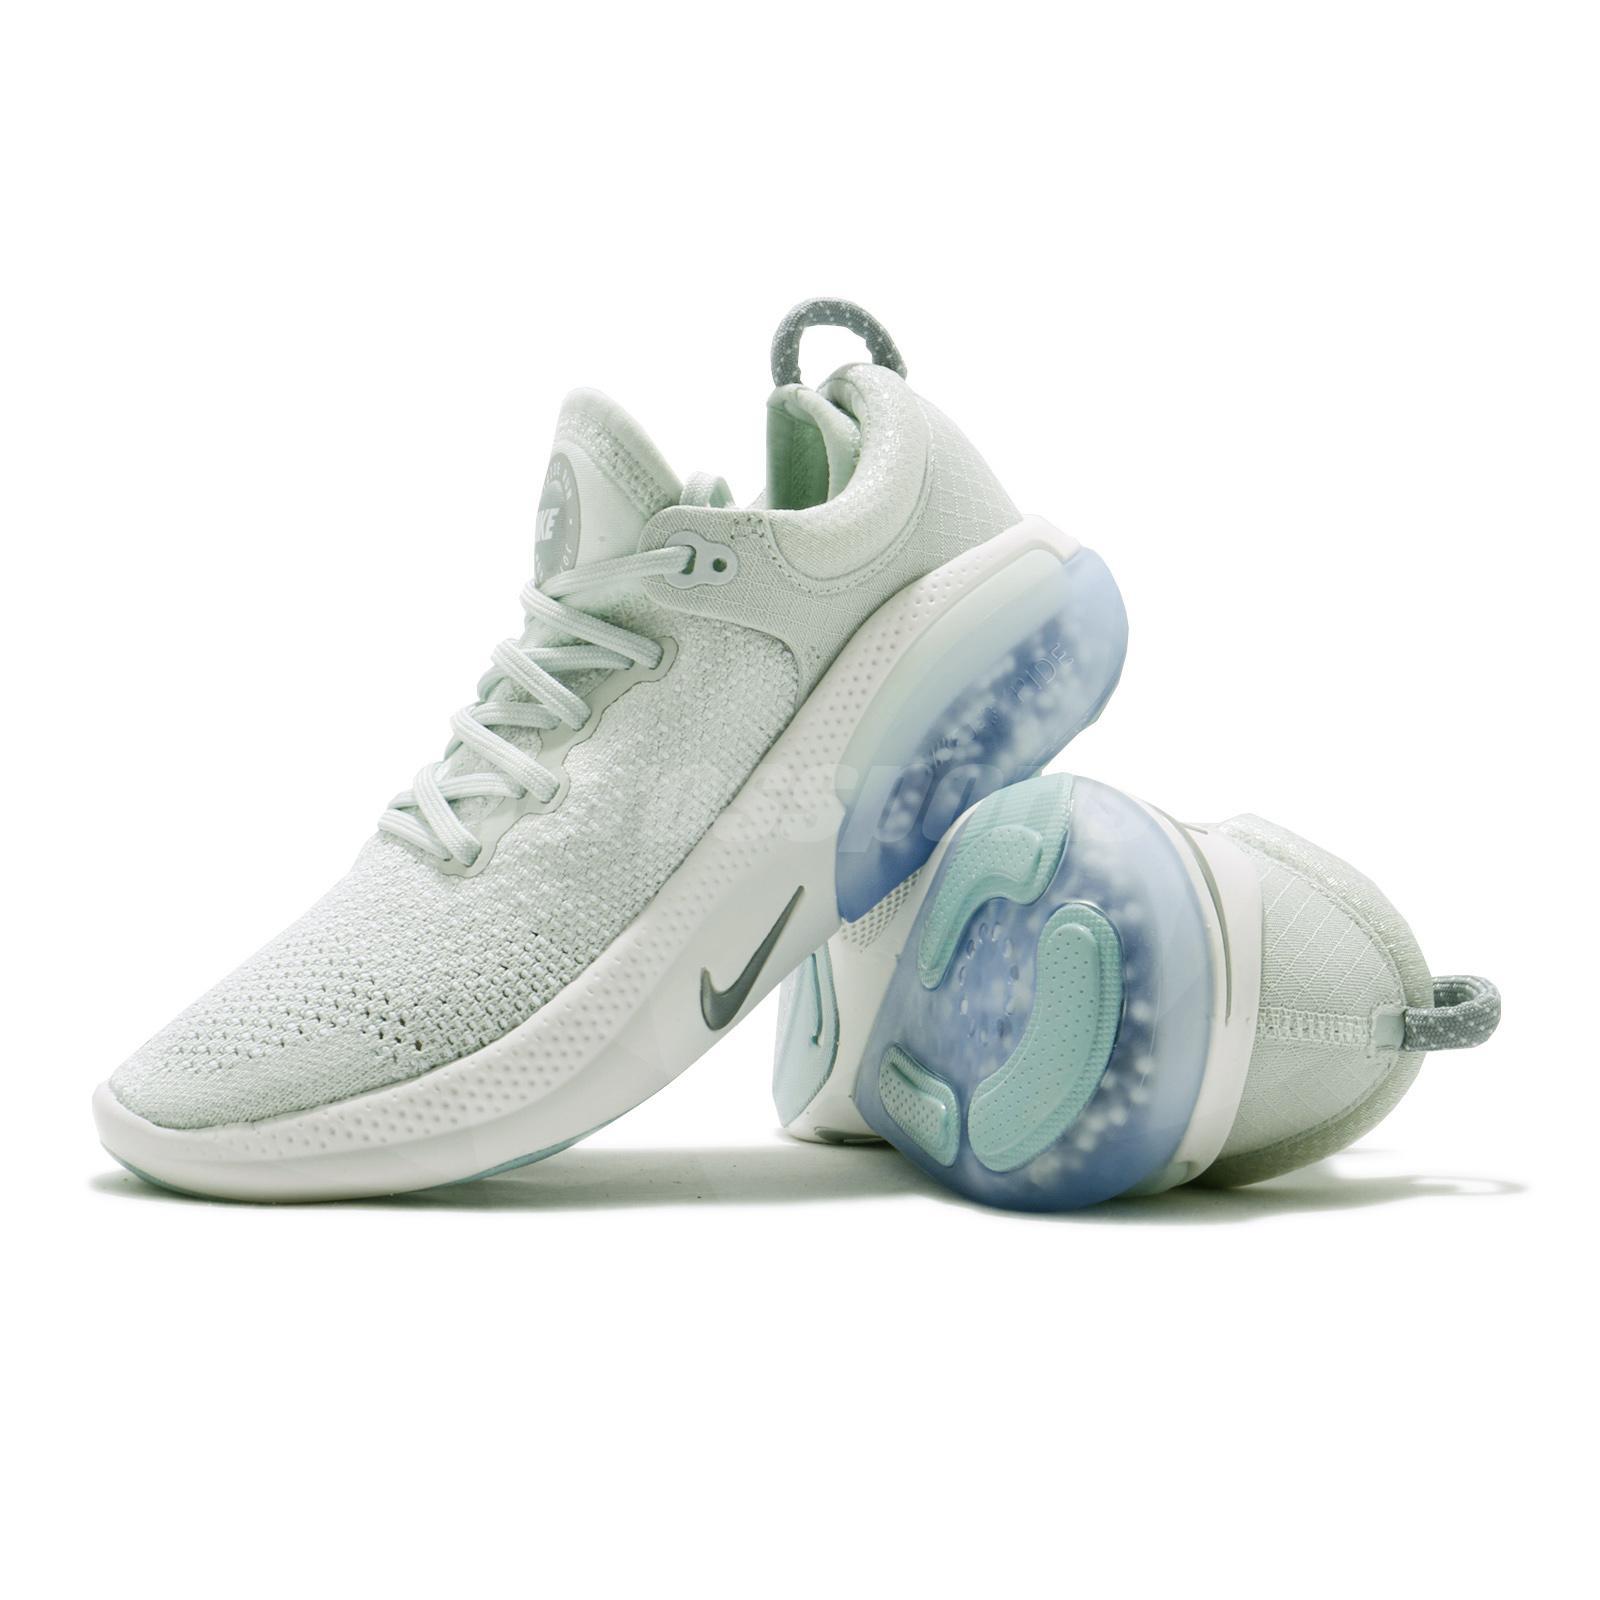 کفش جوی راید نایک | Nike Joyride